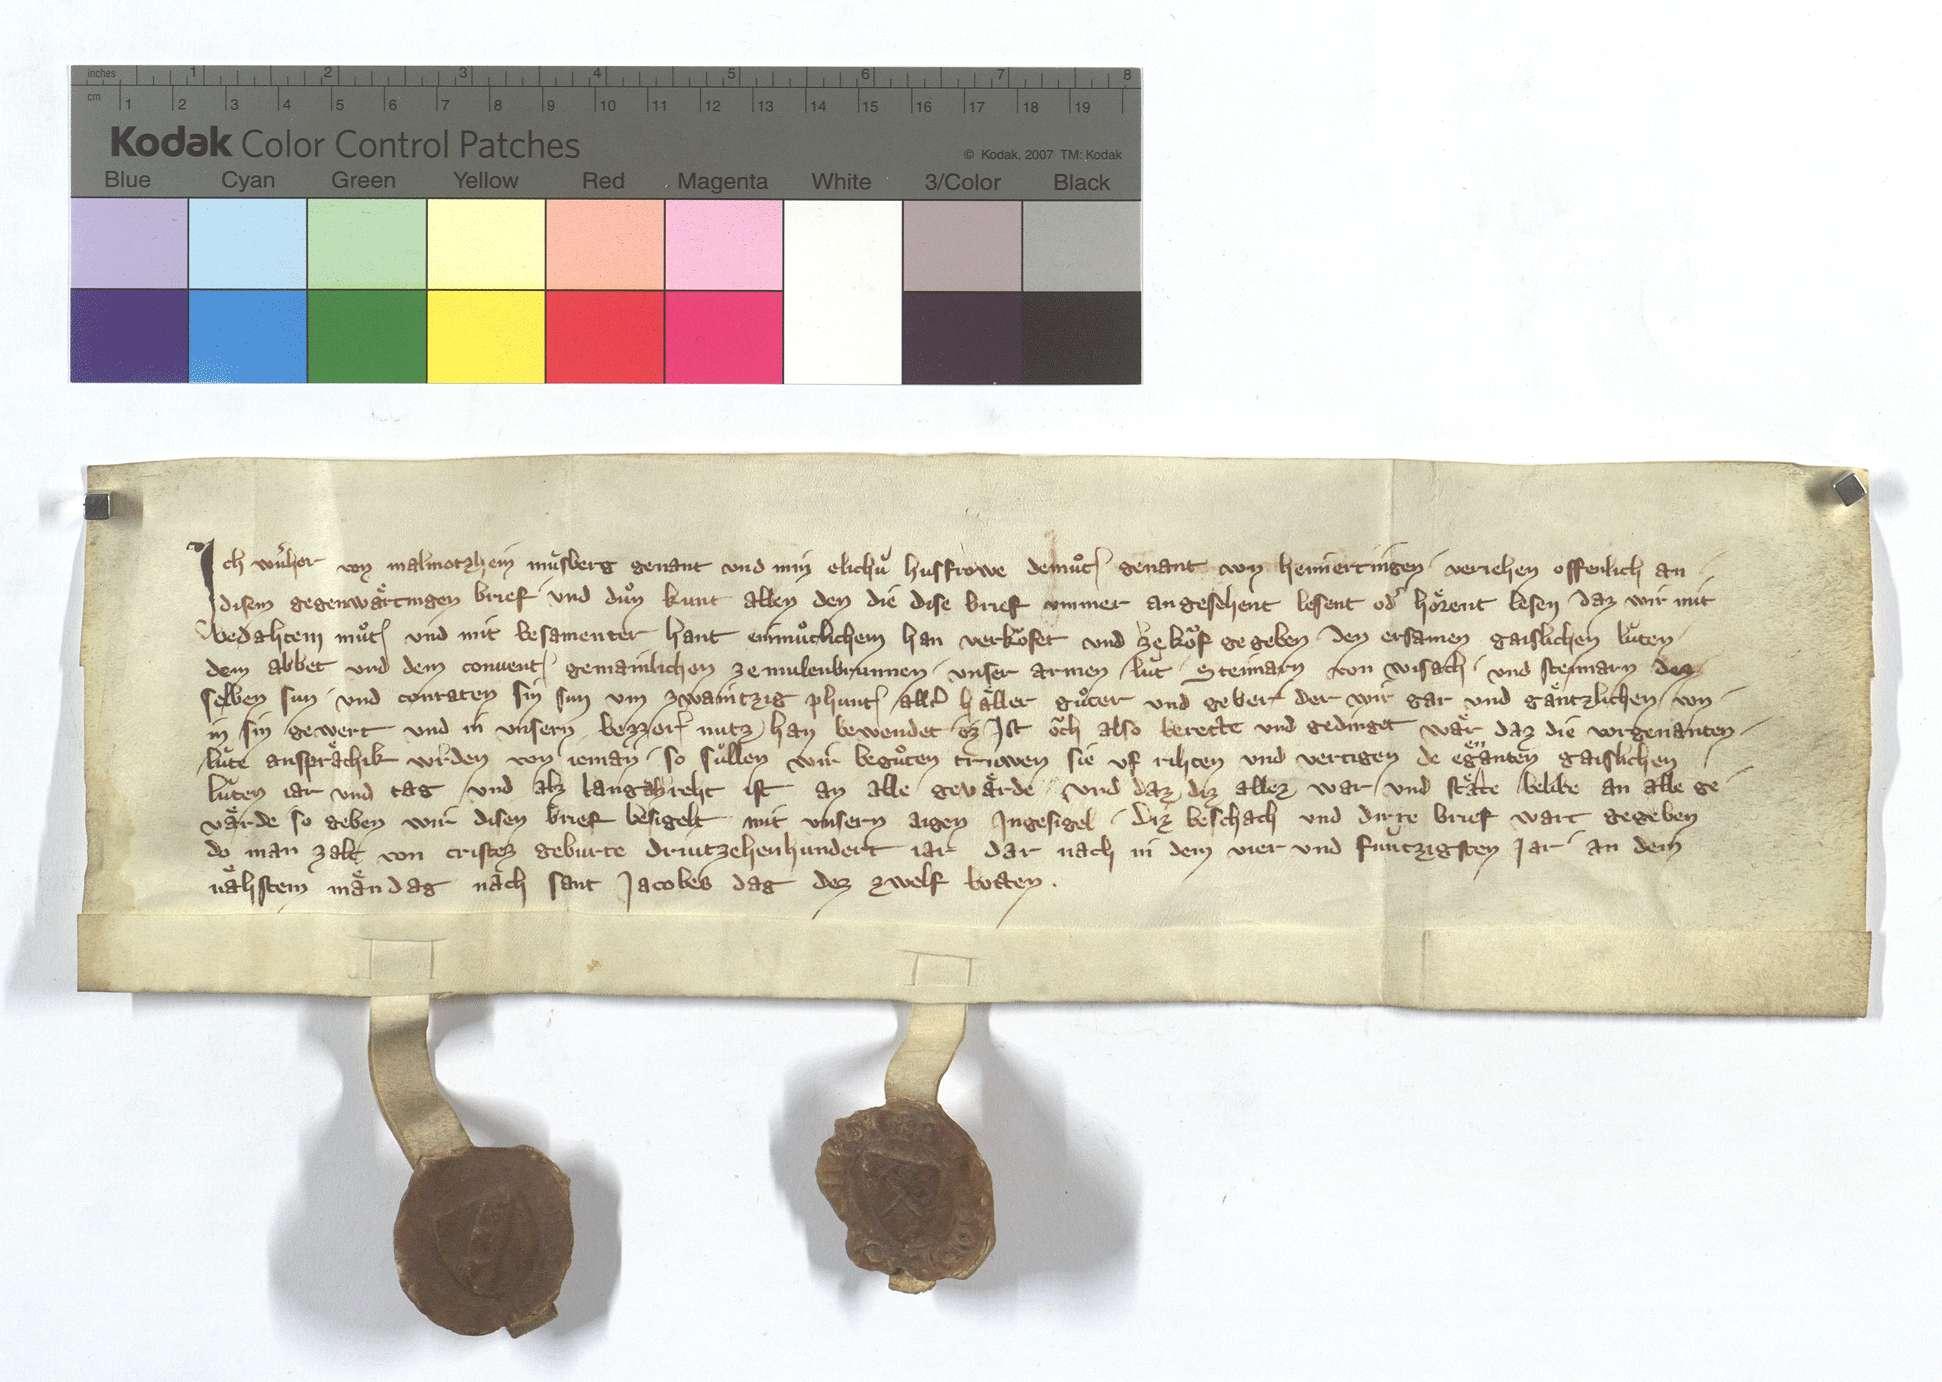 Fertigung des Wernher von Malmsheim ( Malmorzheim) um drei Leibeigene in Weissach., Text